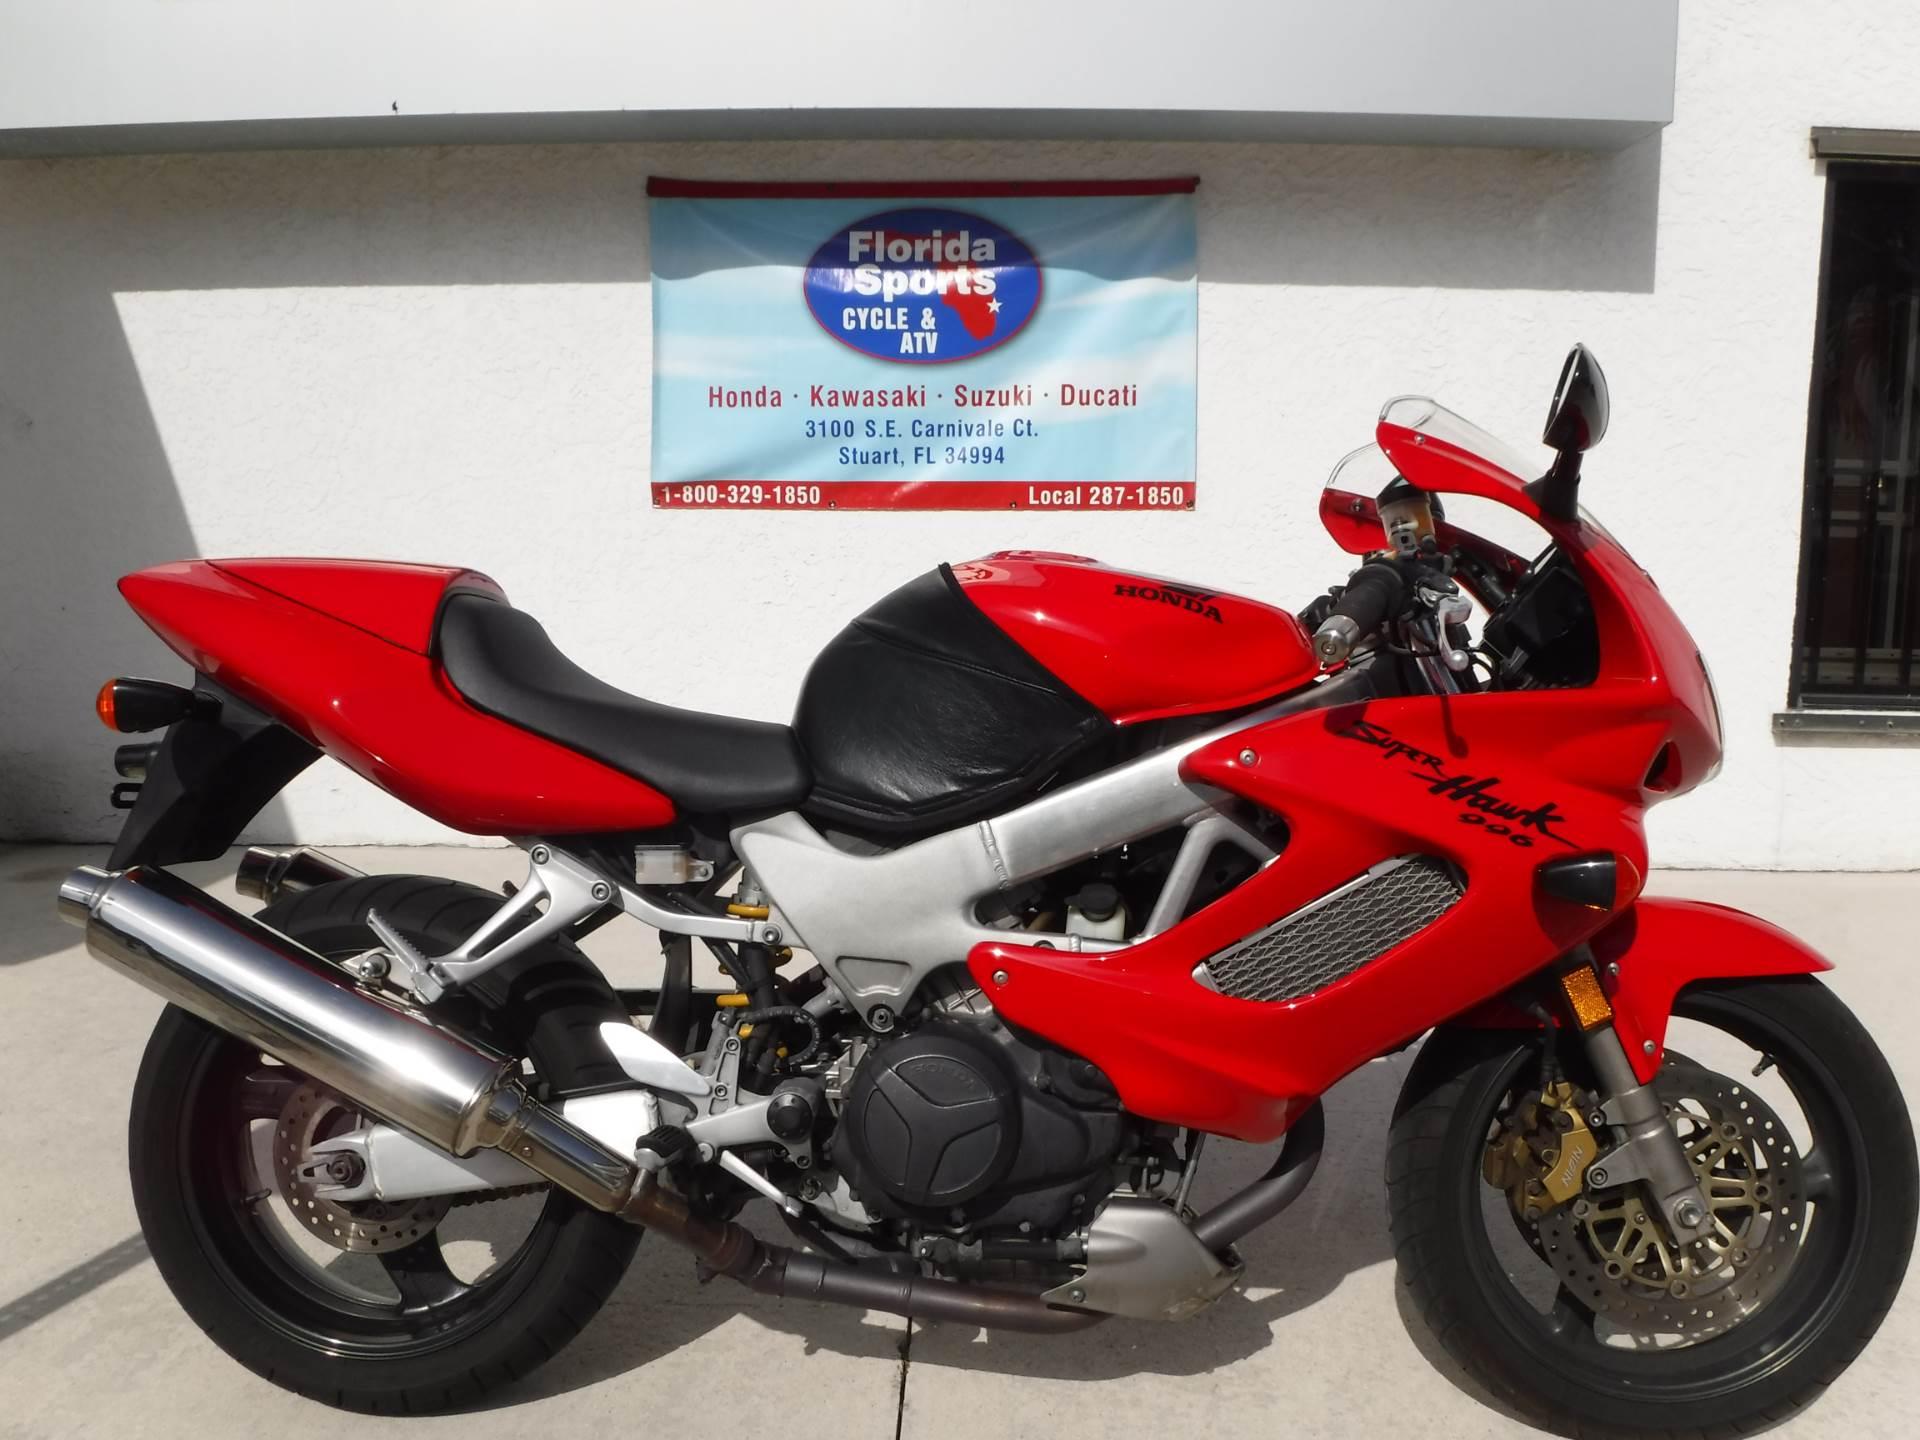 1998 Honda Super Hawk Motorcycles Stuart Florida| Stock Number: N/A